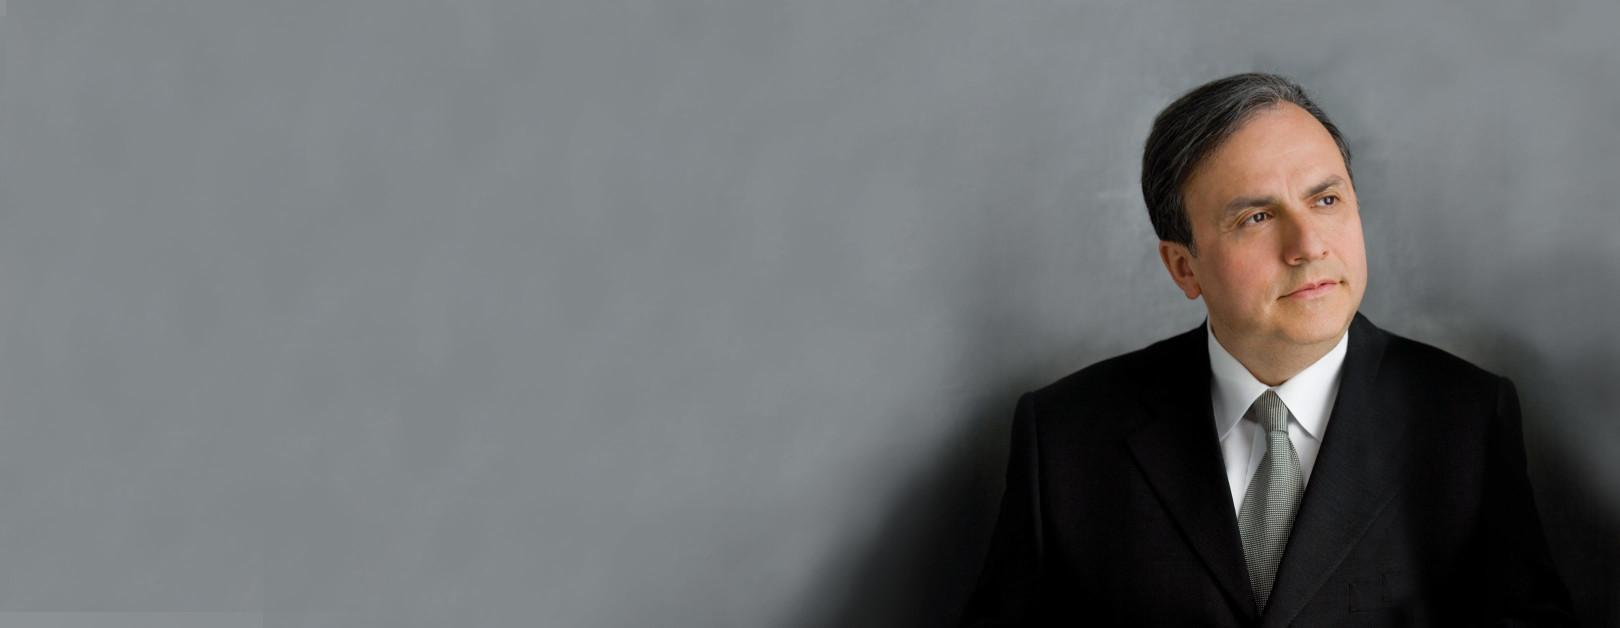 Bronfman Performs Liszt